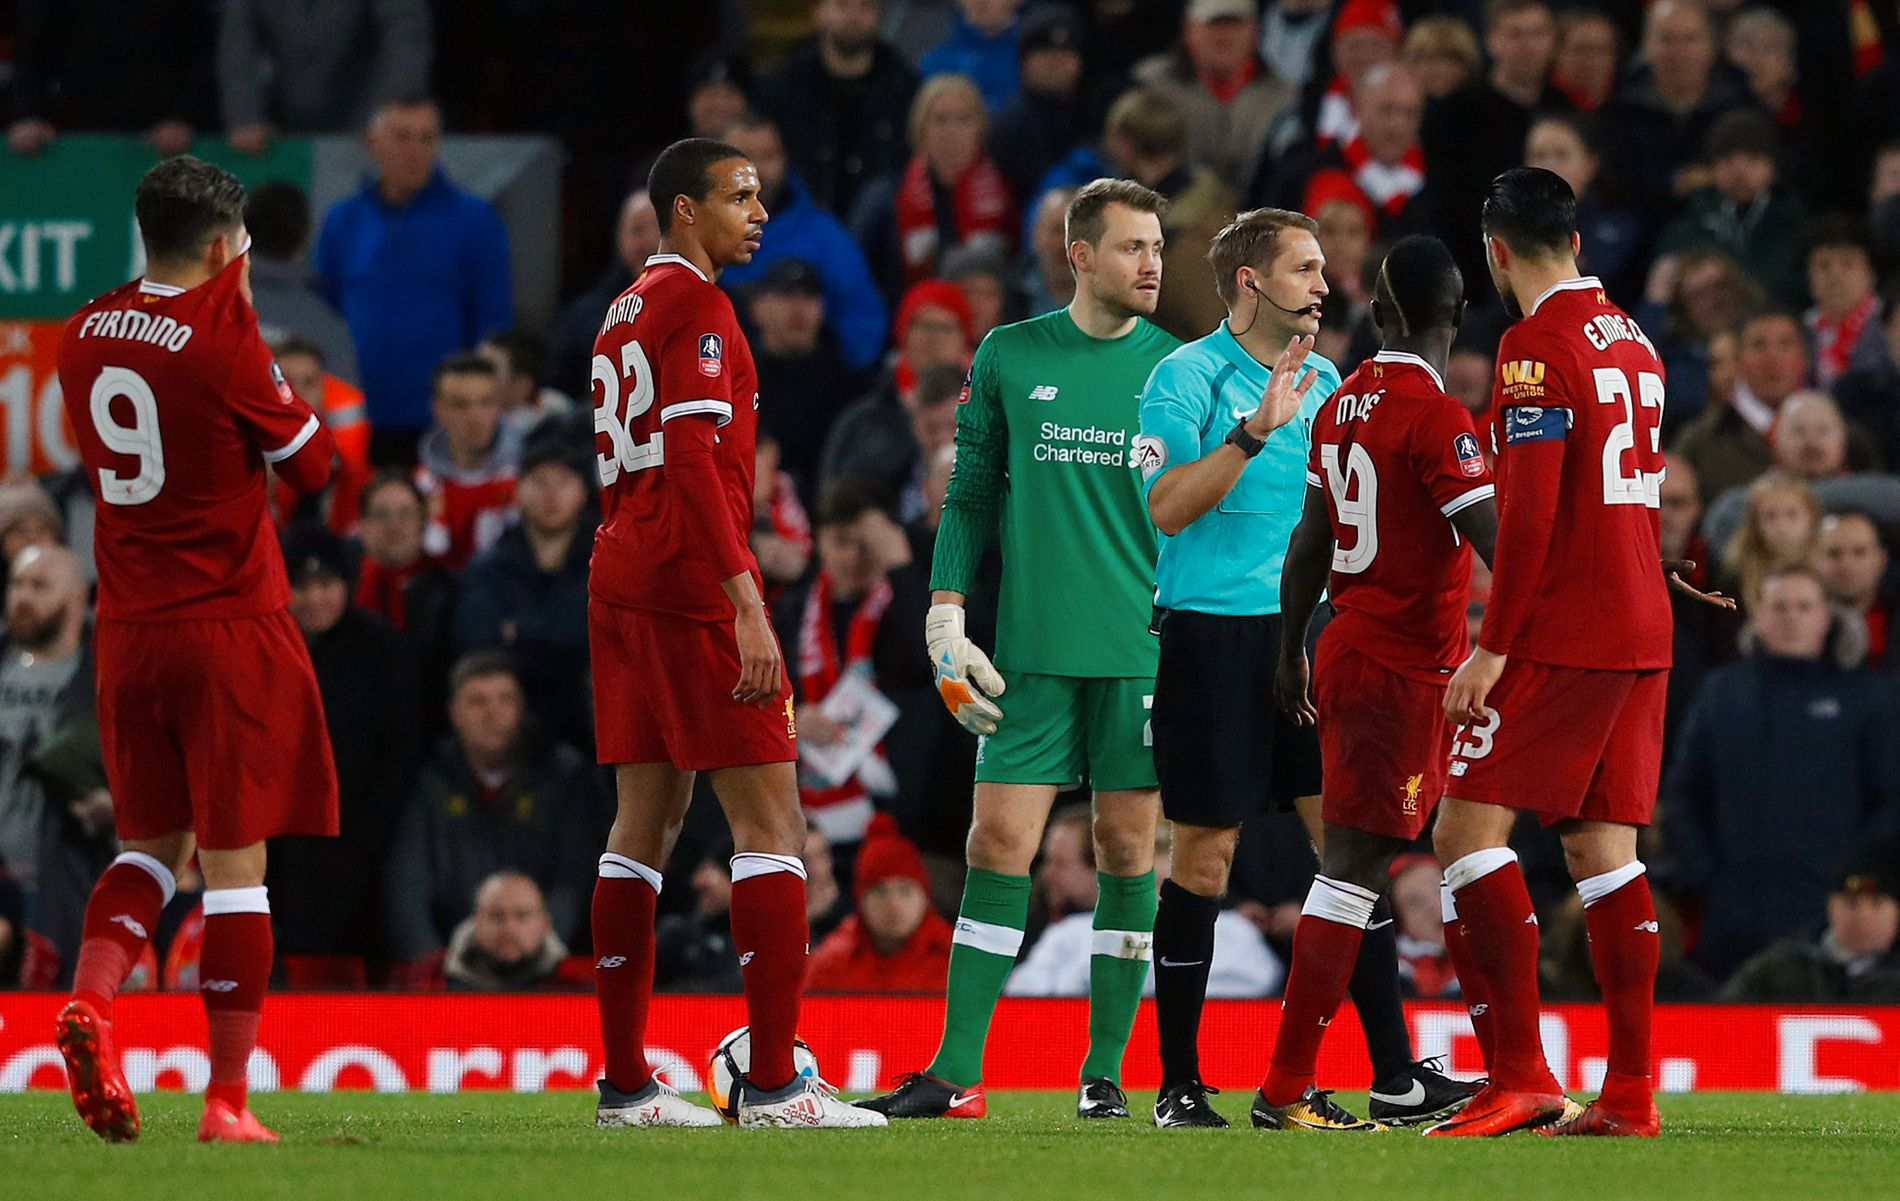 KONTROVERSIELT: Dommer Craig Pawson benytter seg av videodømming underveis i lørdagens FA-cup-oppgjør mellom Liverpool og West Bromwich.